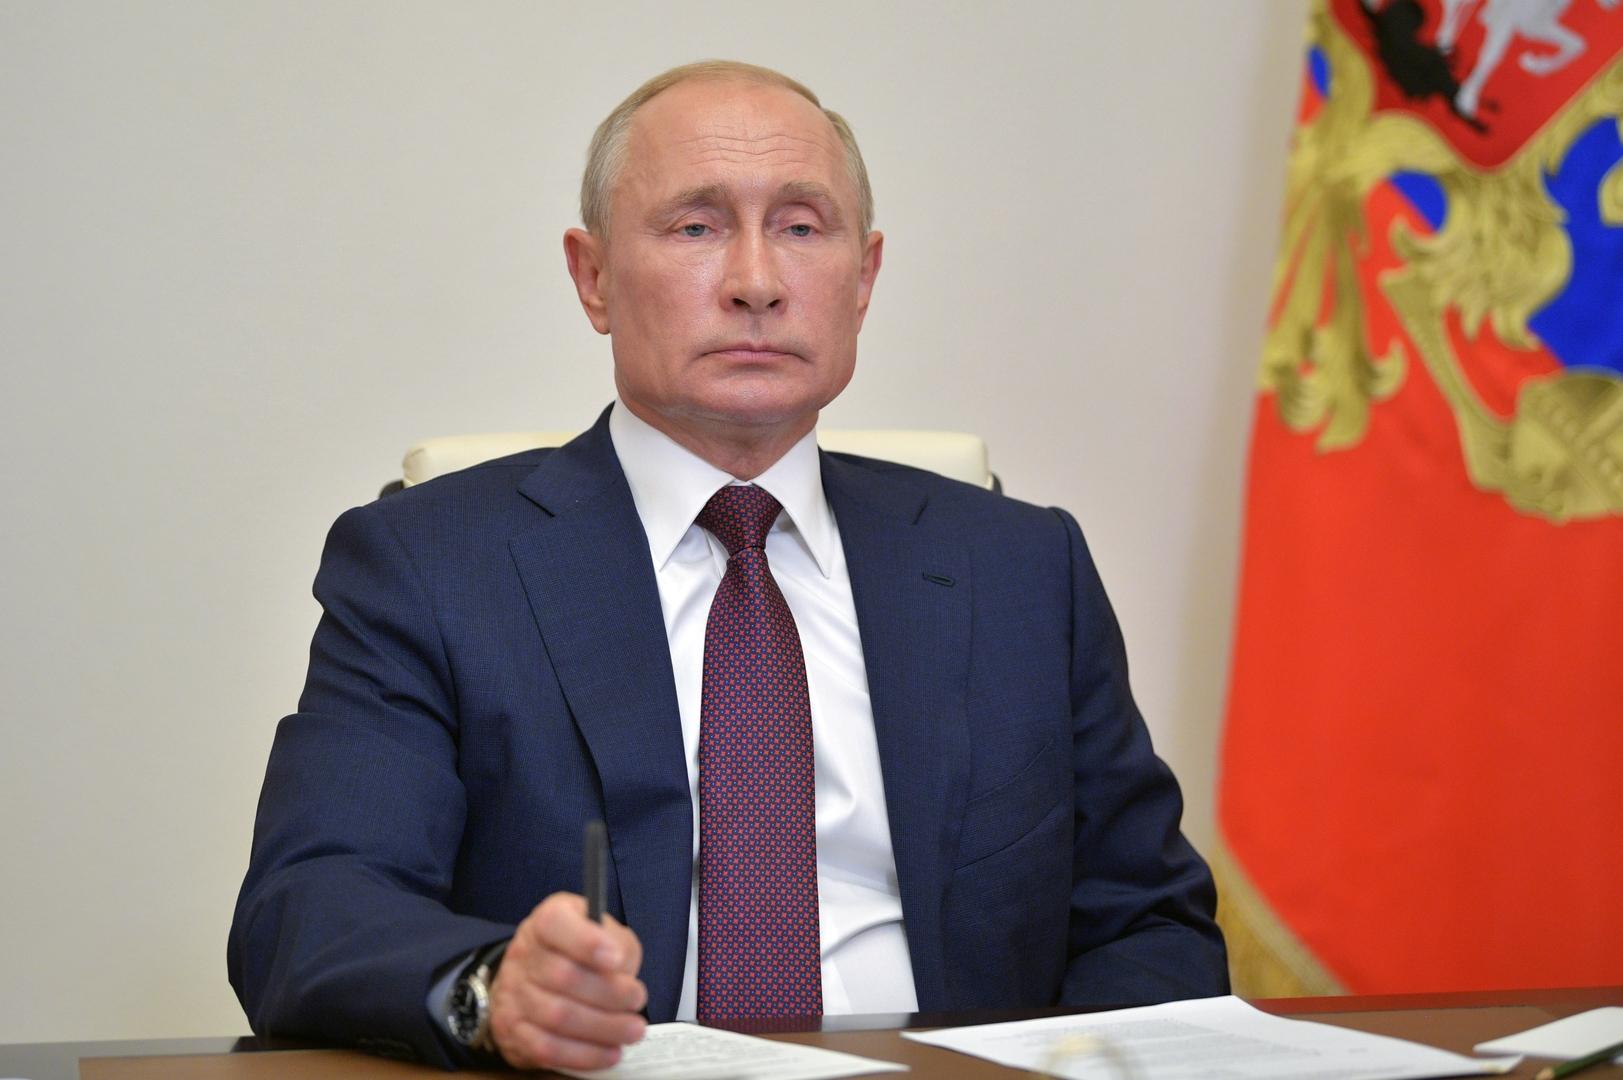 بوتين: لا يوجد في روسيا تمييز عرقي أو جنسي